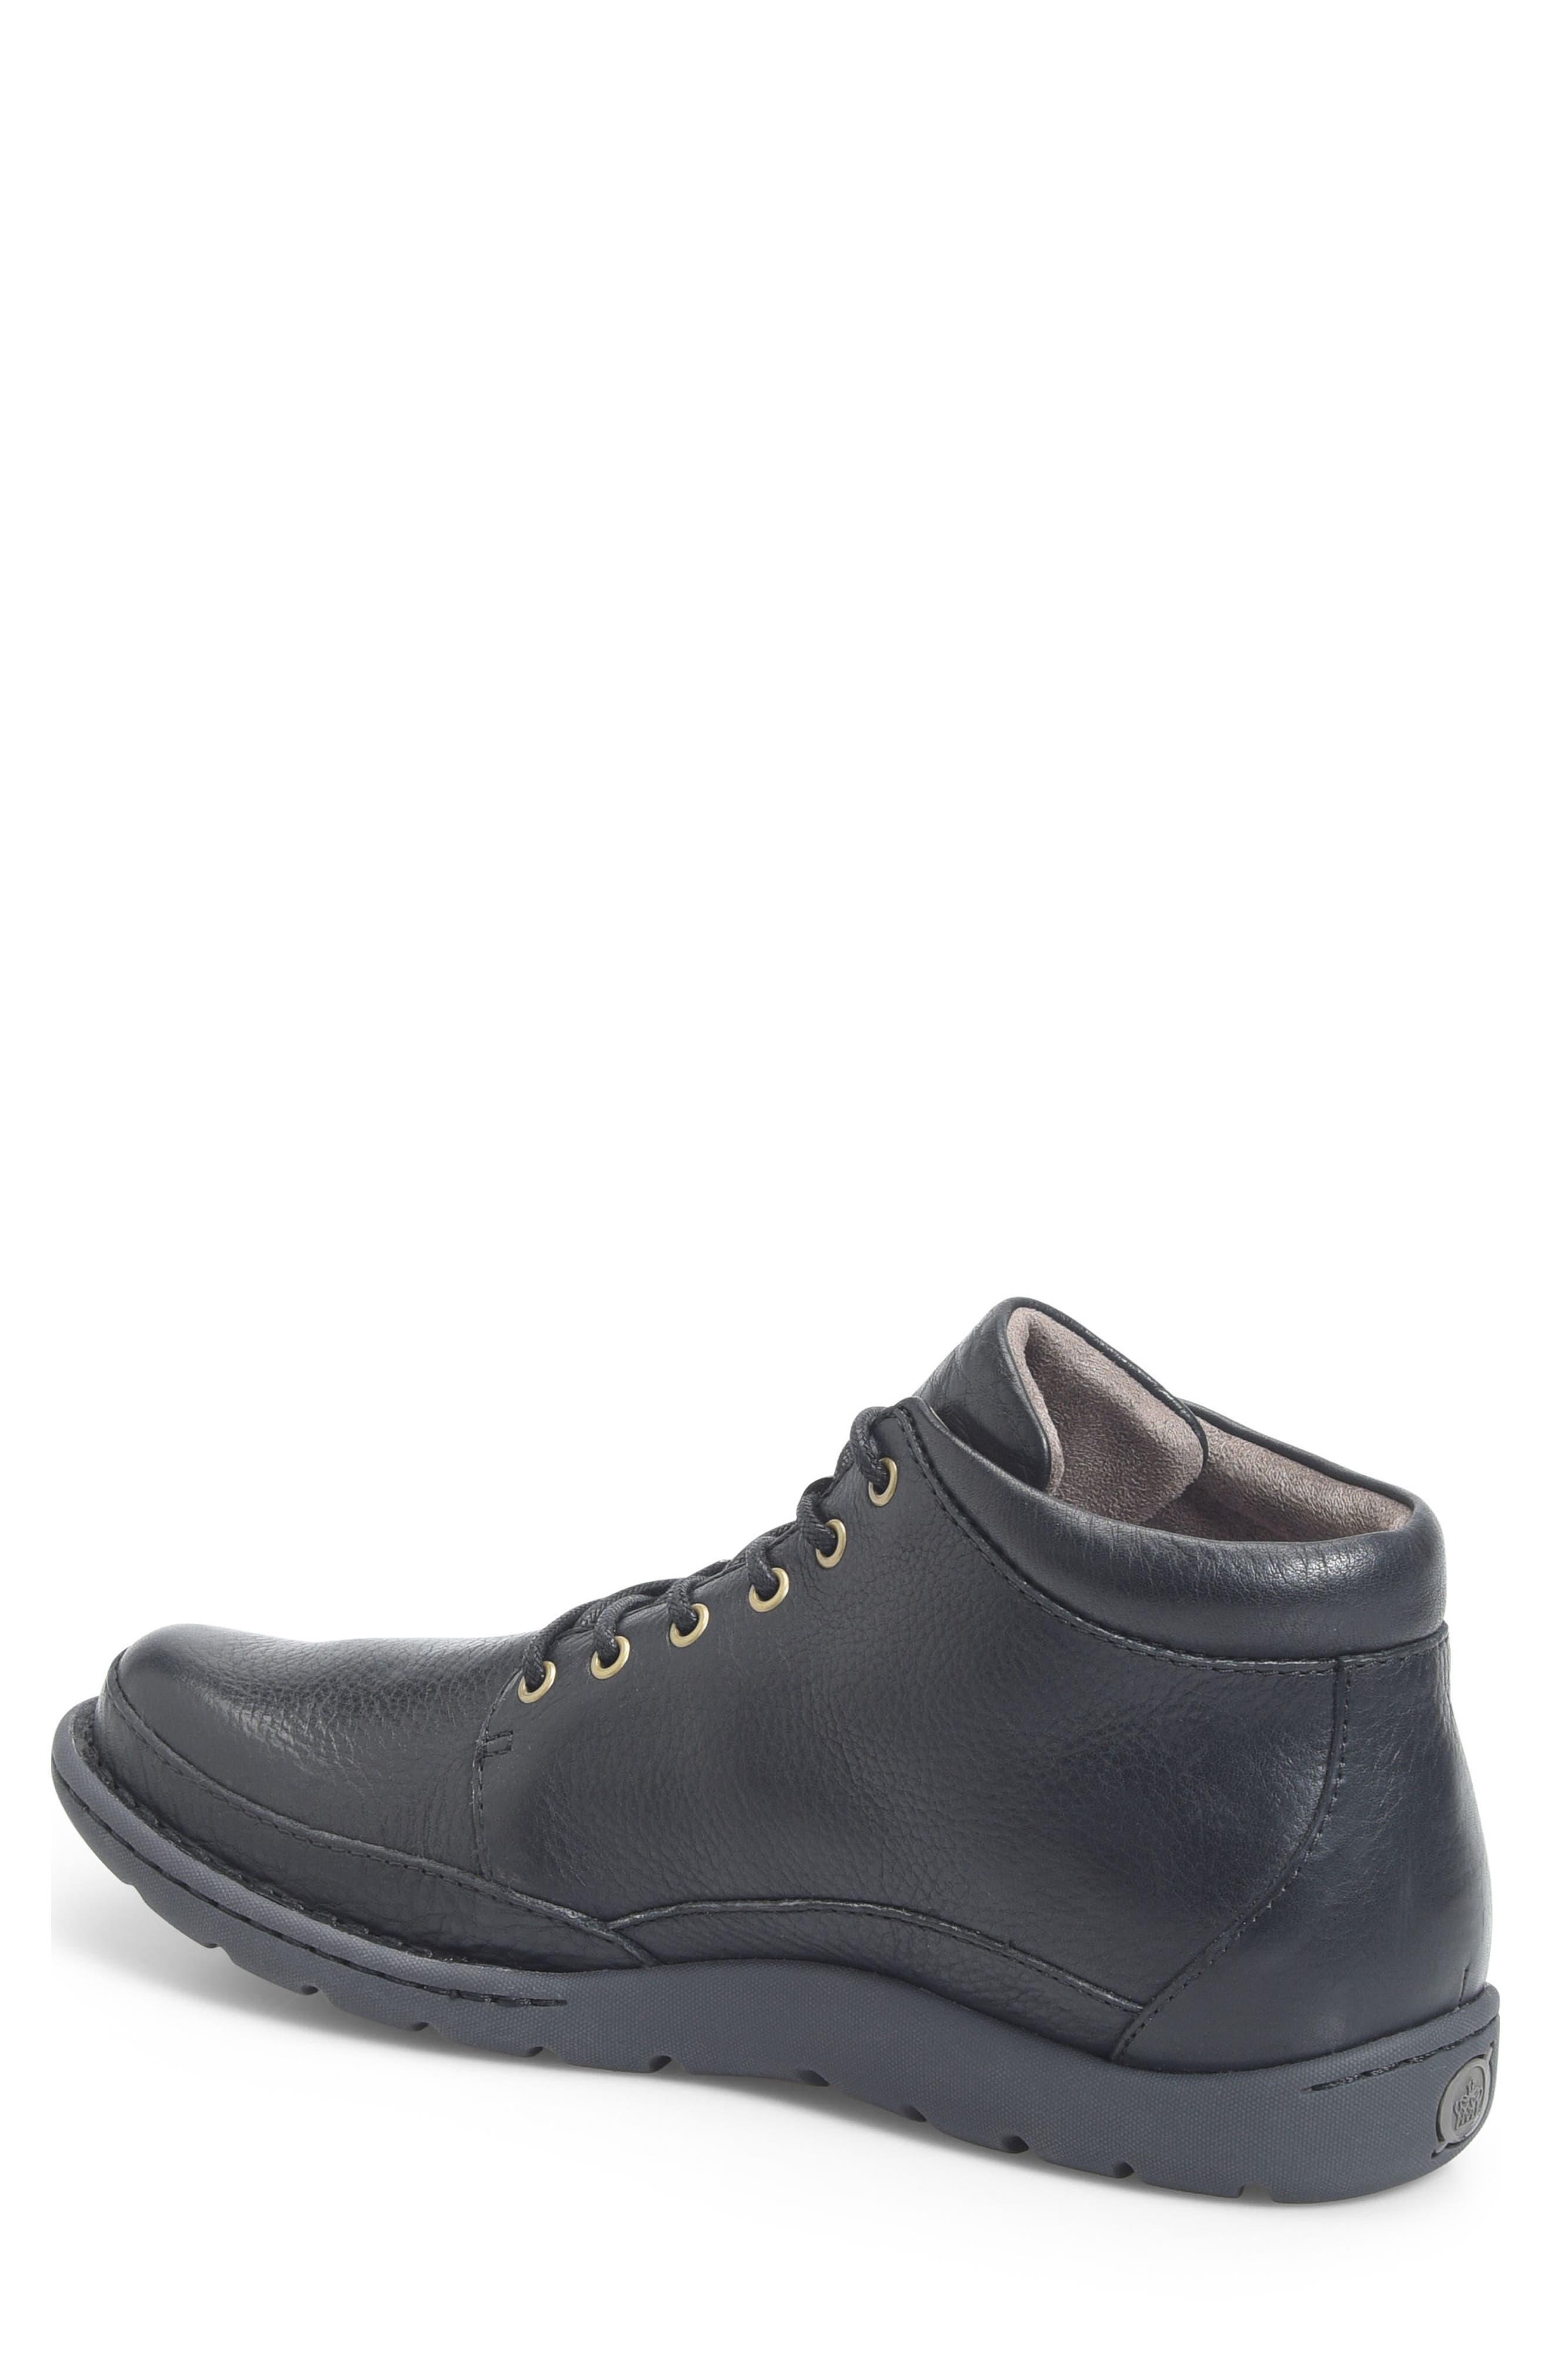 Nigel Low Boot,                             Alternate thumbnail 2, color,                             Black